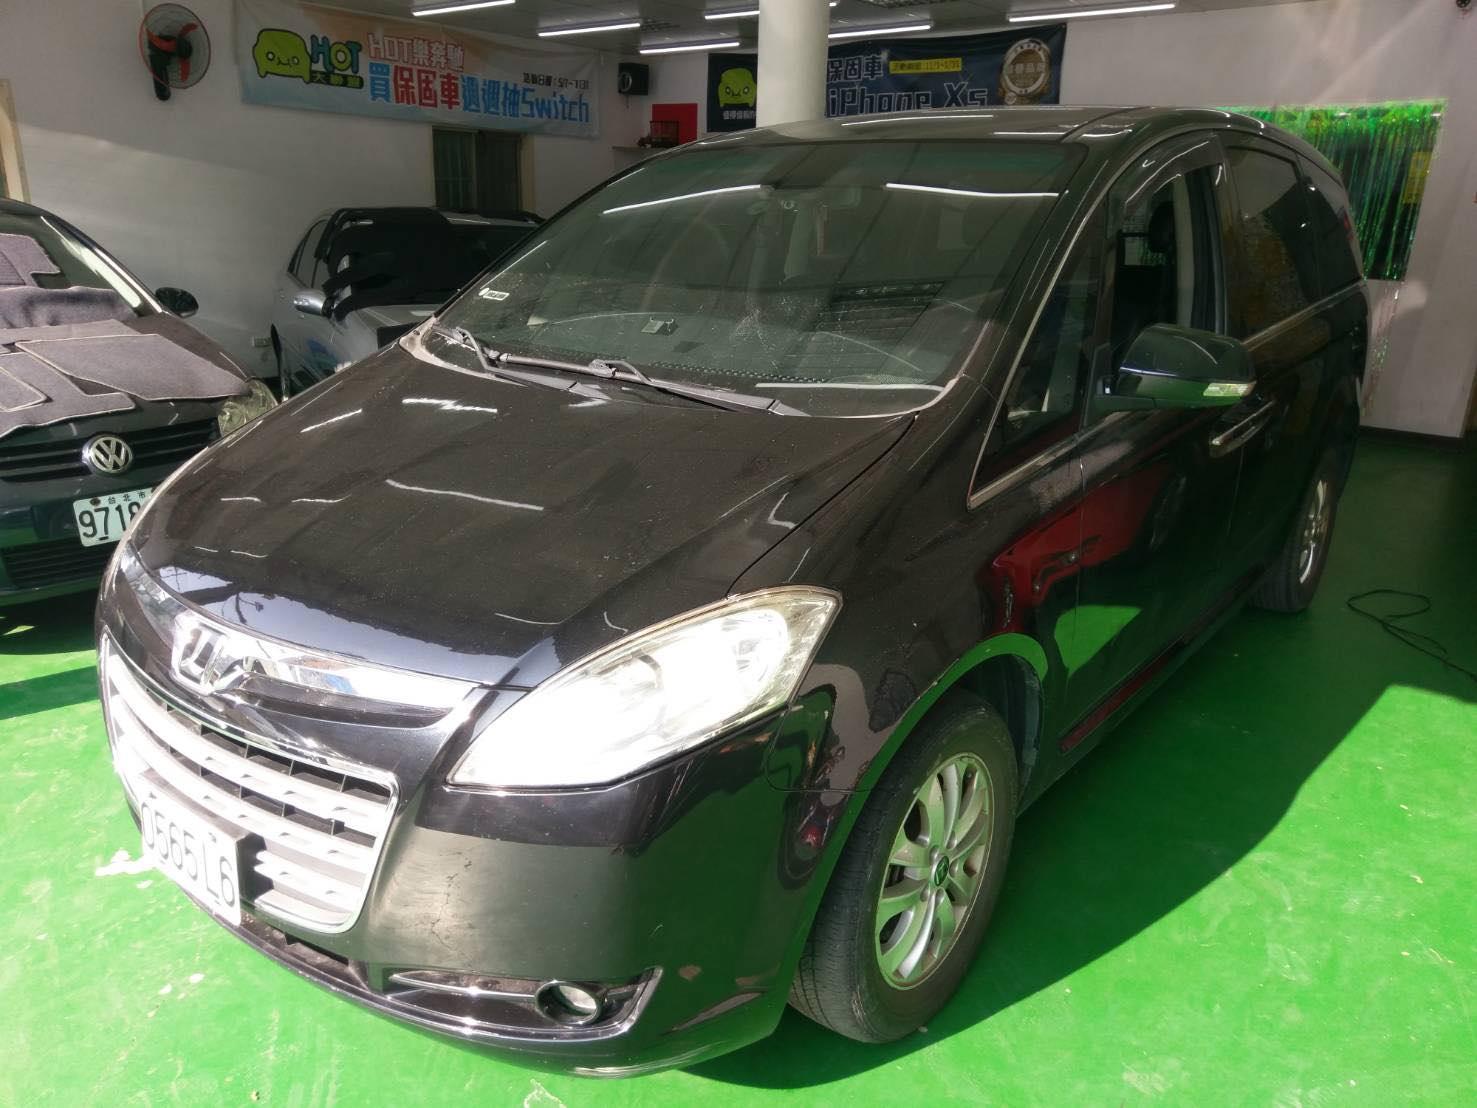 2012 Luxgen 納智捷 M7 turbo